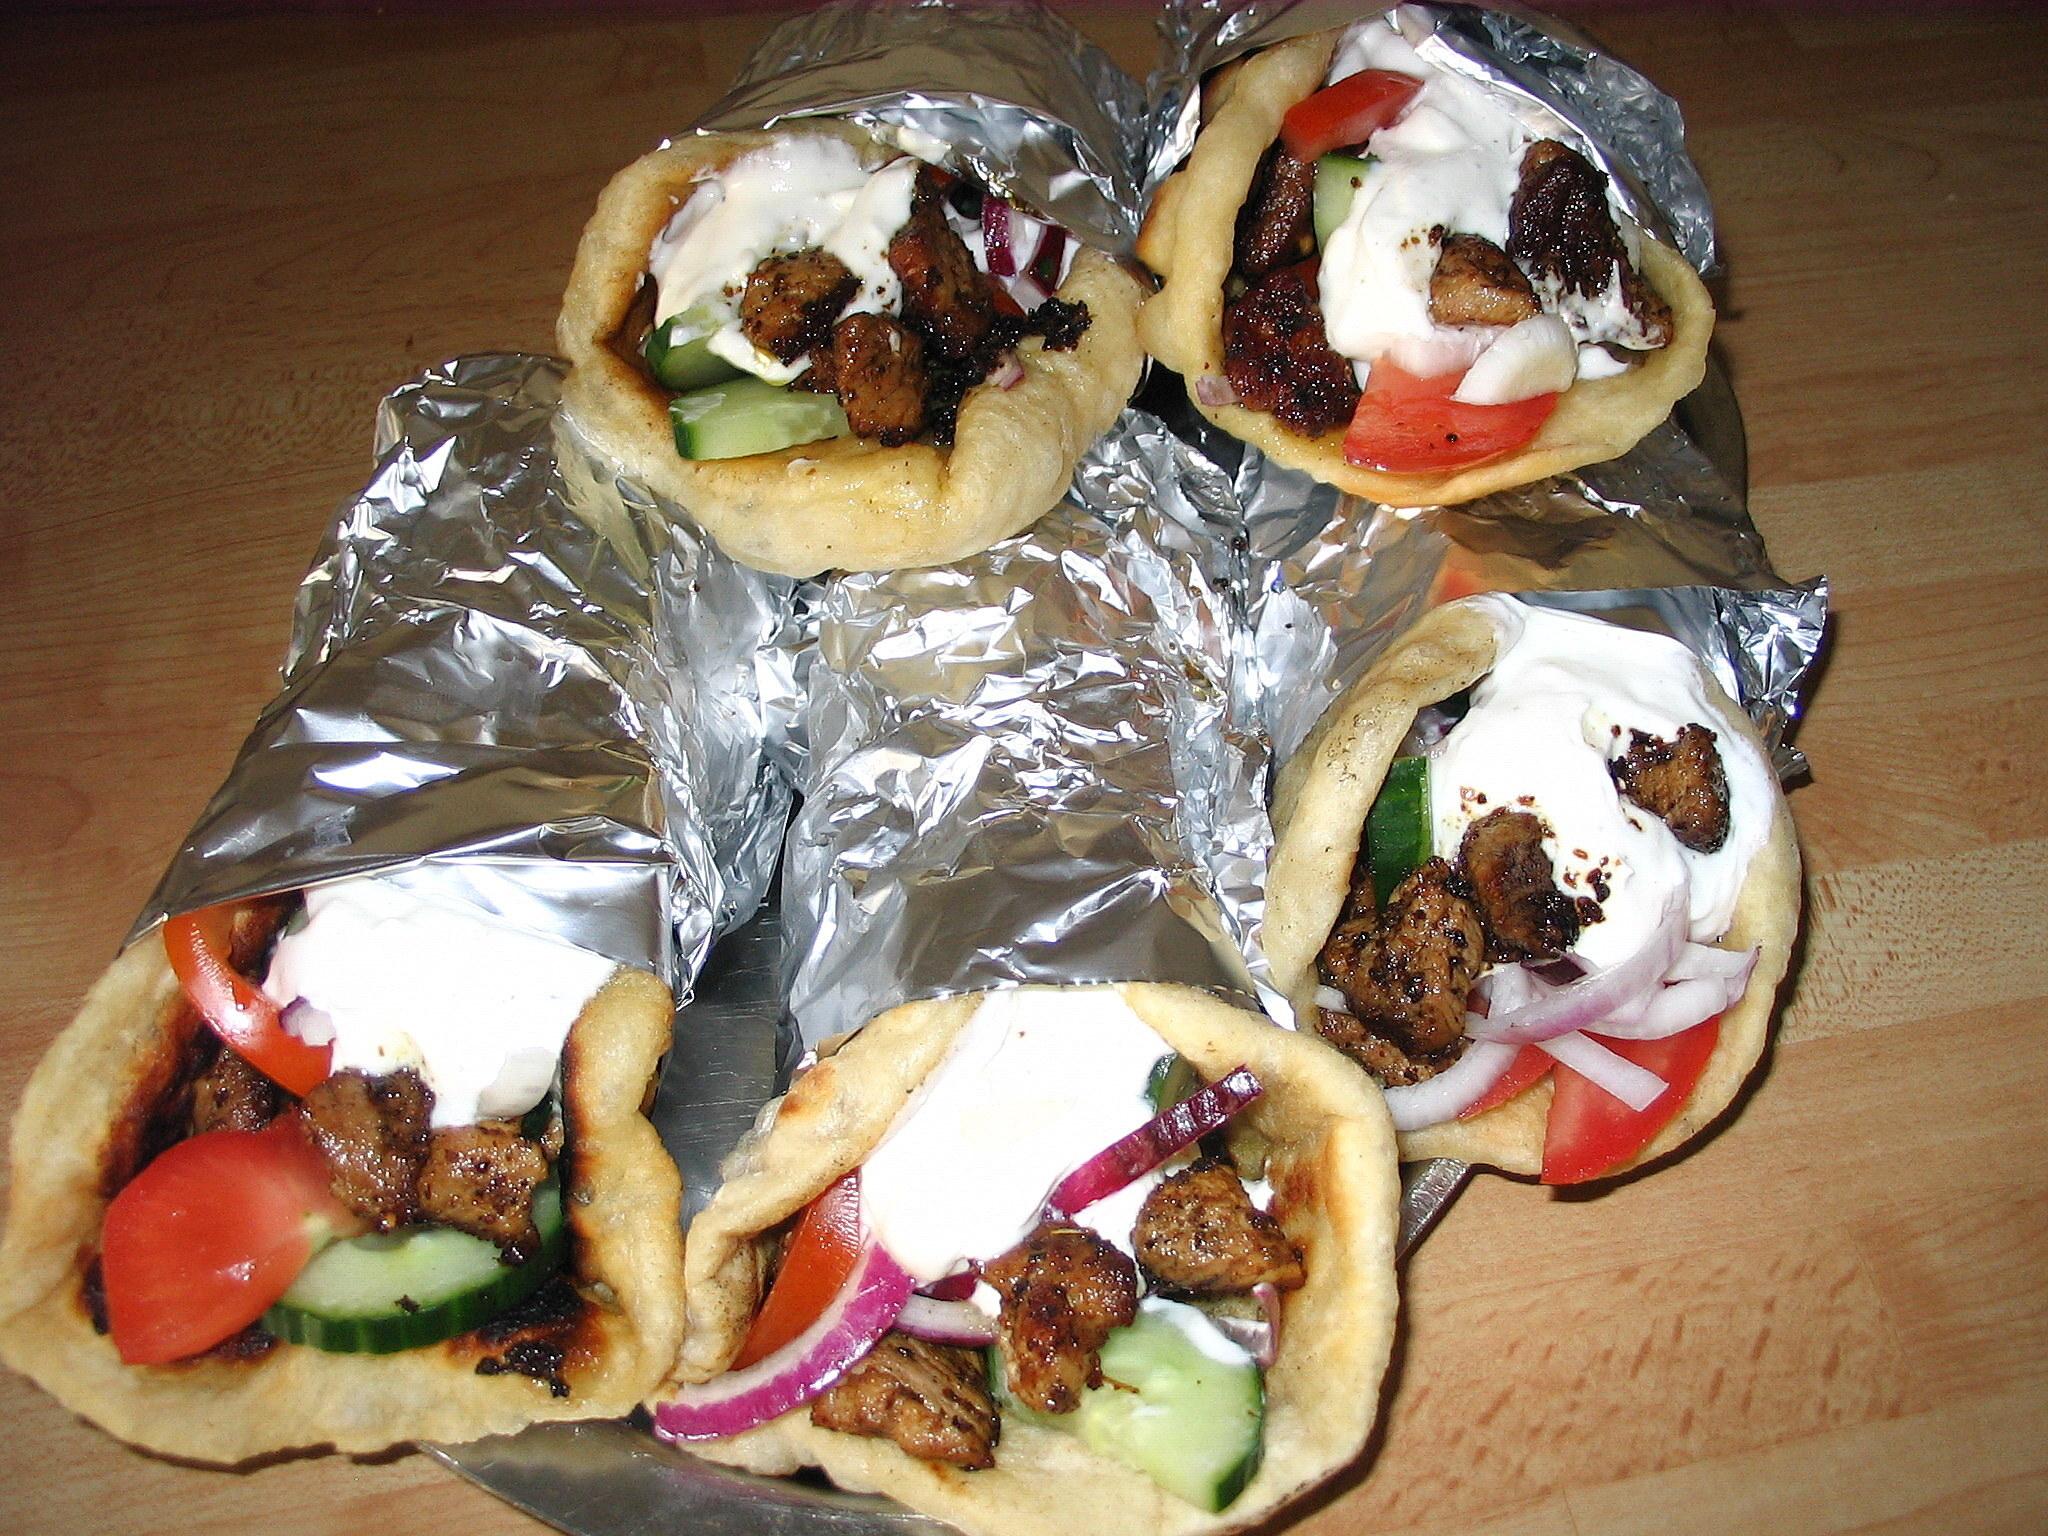 grekisk gyros bröd